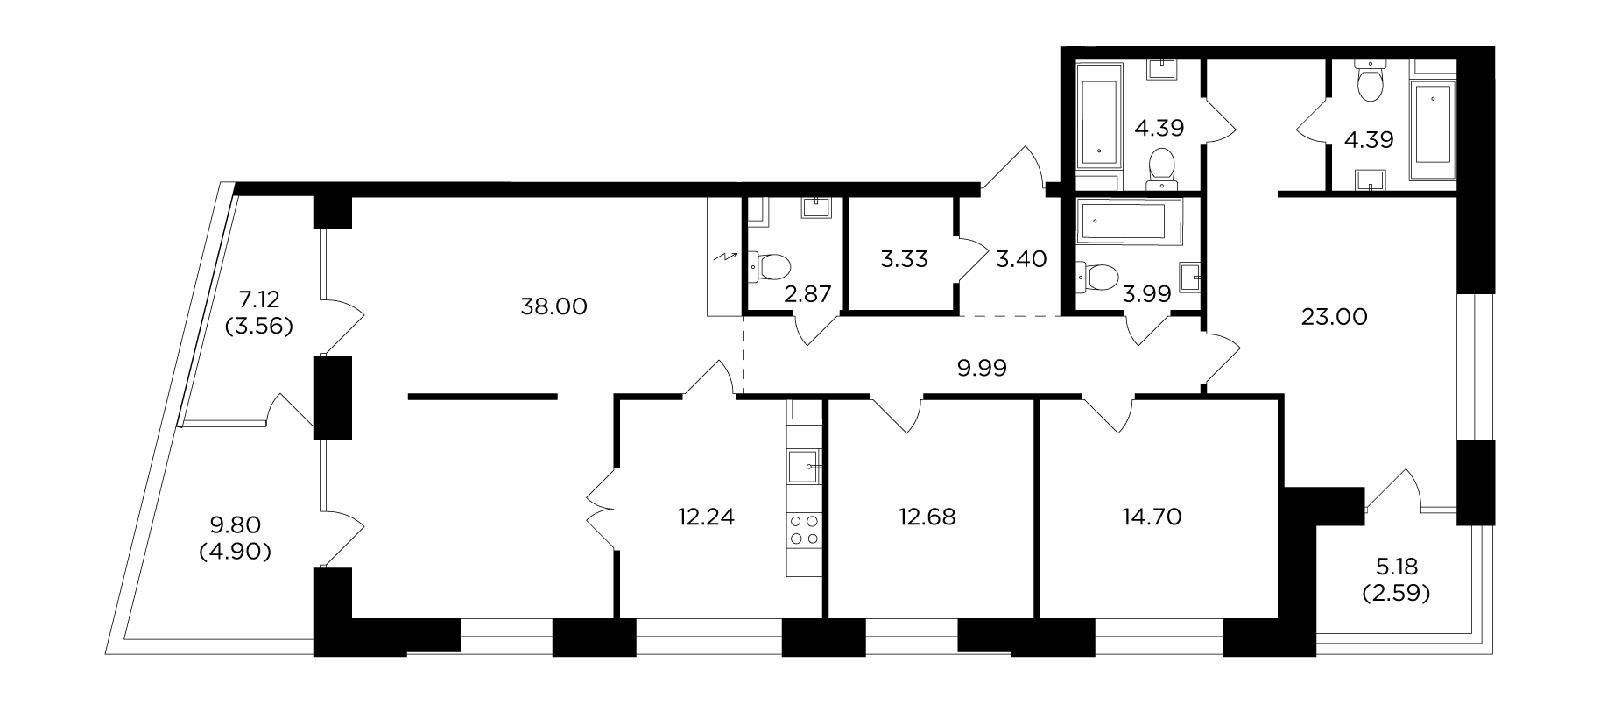 Продаётся 4-комнатная квартира в новостройке 144.0 кв.м. этаж 15/19 за 52 461 040 руб